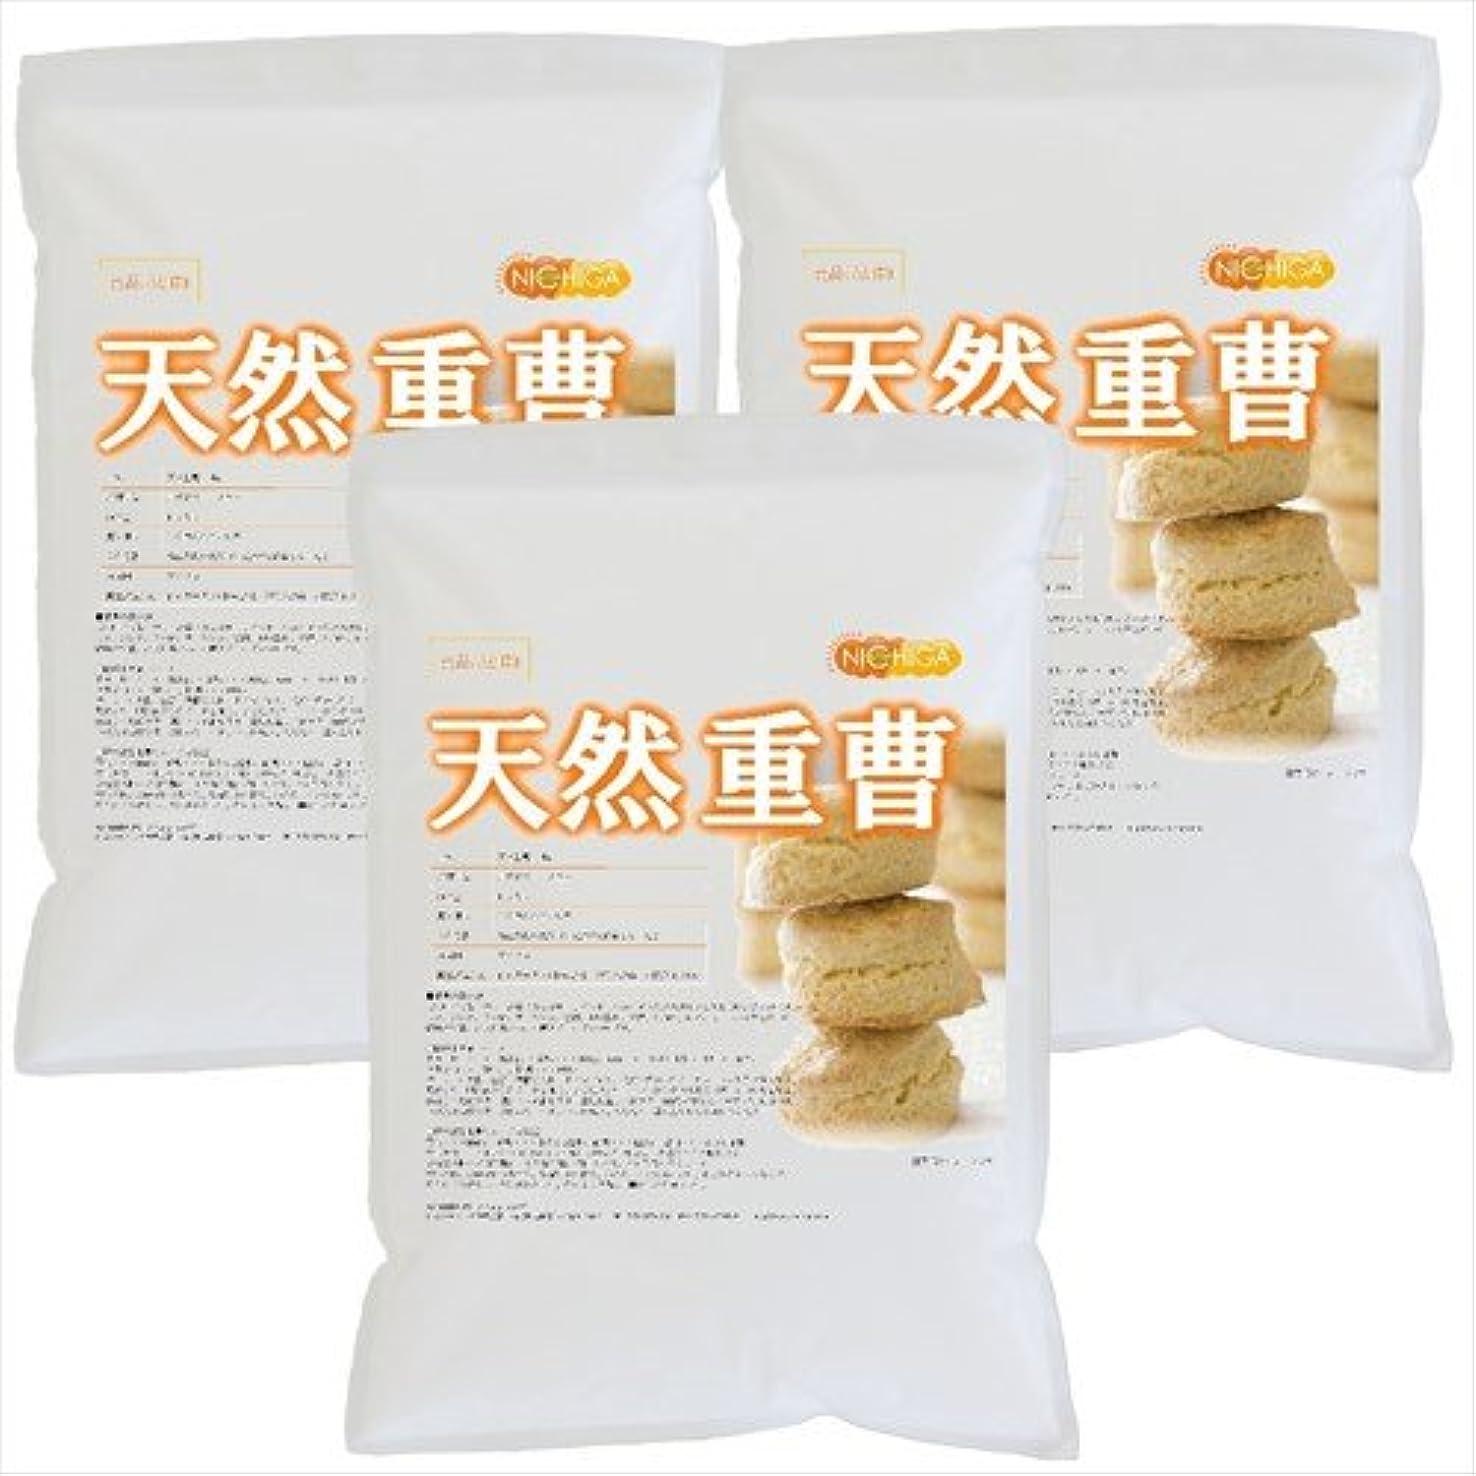 空気取得するオーガニック天然 重曹 5kg×3袋 [02] 炭酸水素ナトリウム 食品添加物(食品用)NICHIGA(ニチガ)